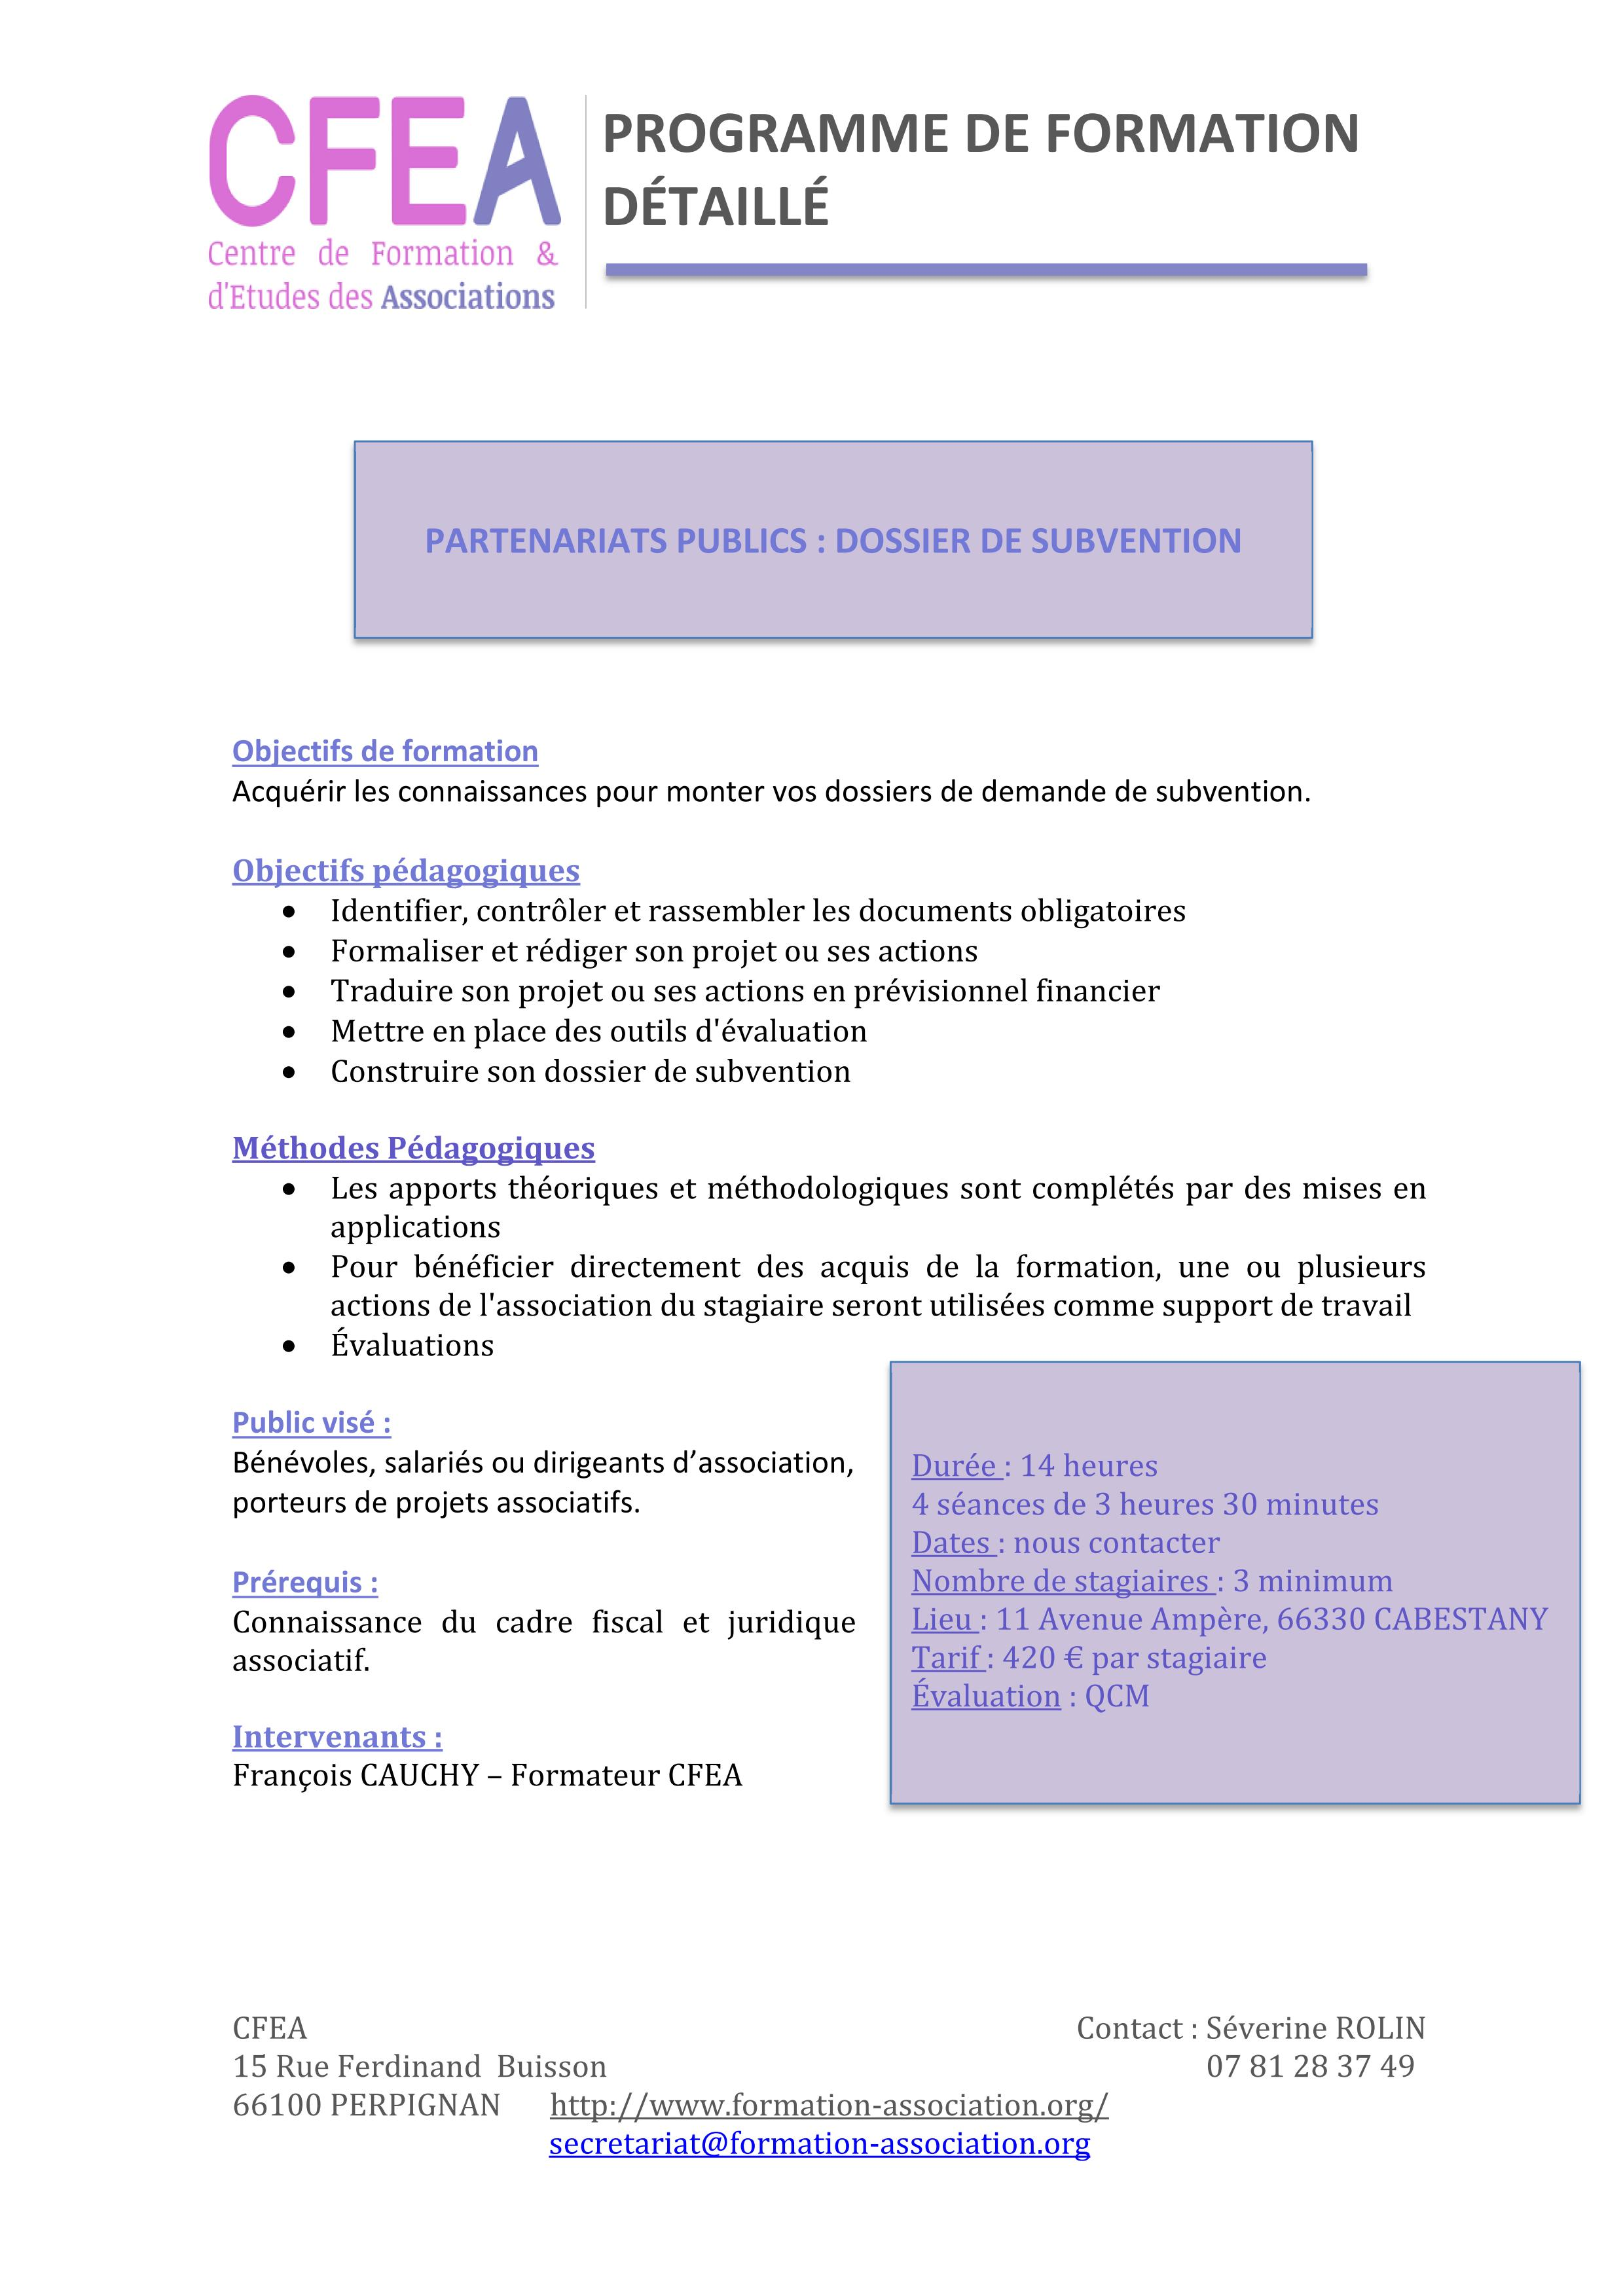 Programme Formation dossier de subvention